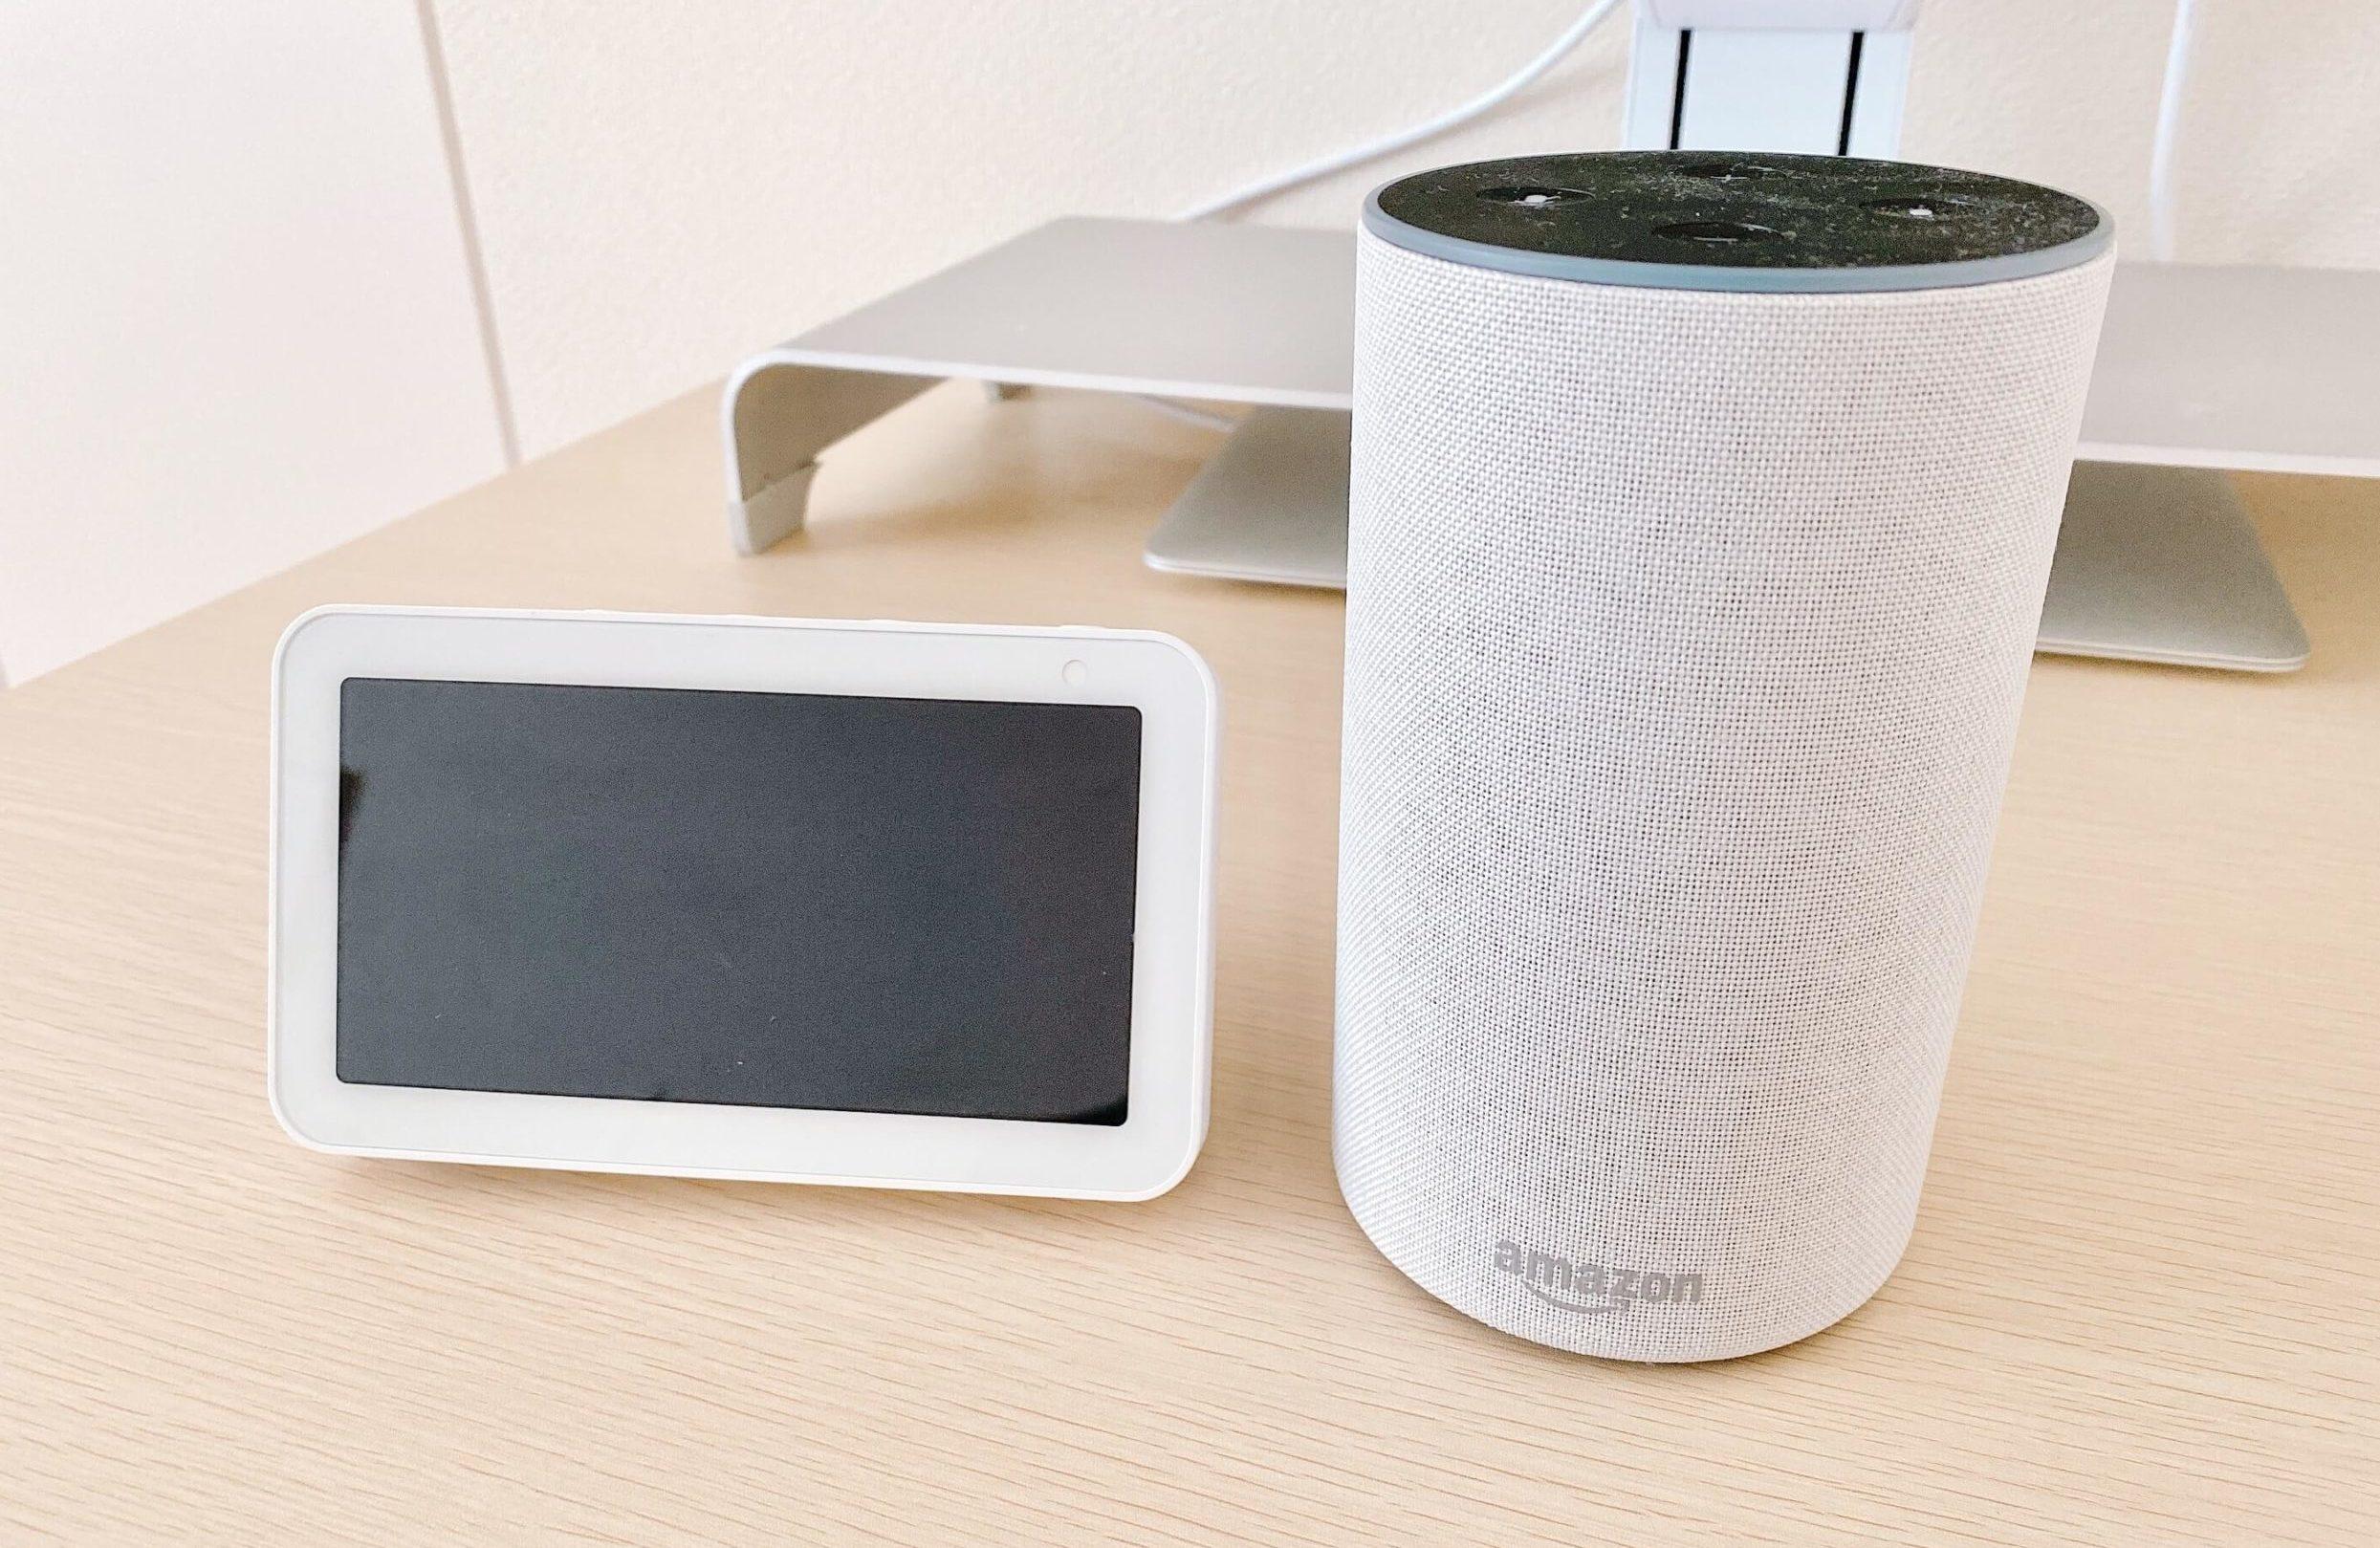 リフレッシュしたい男子が買ってよかったもの:Amazon EchoとEcho Show